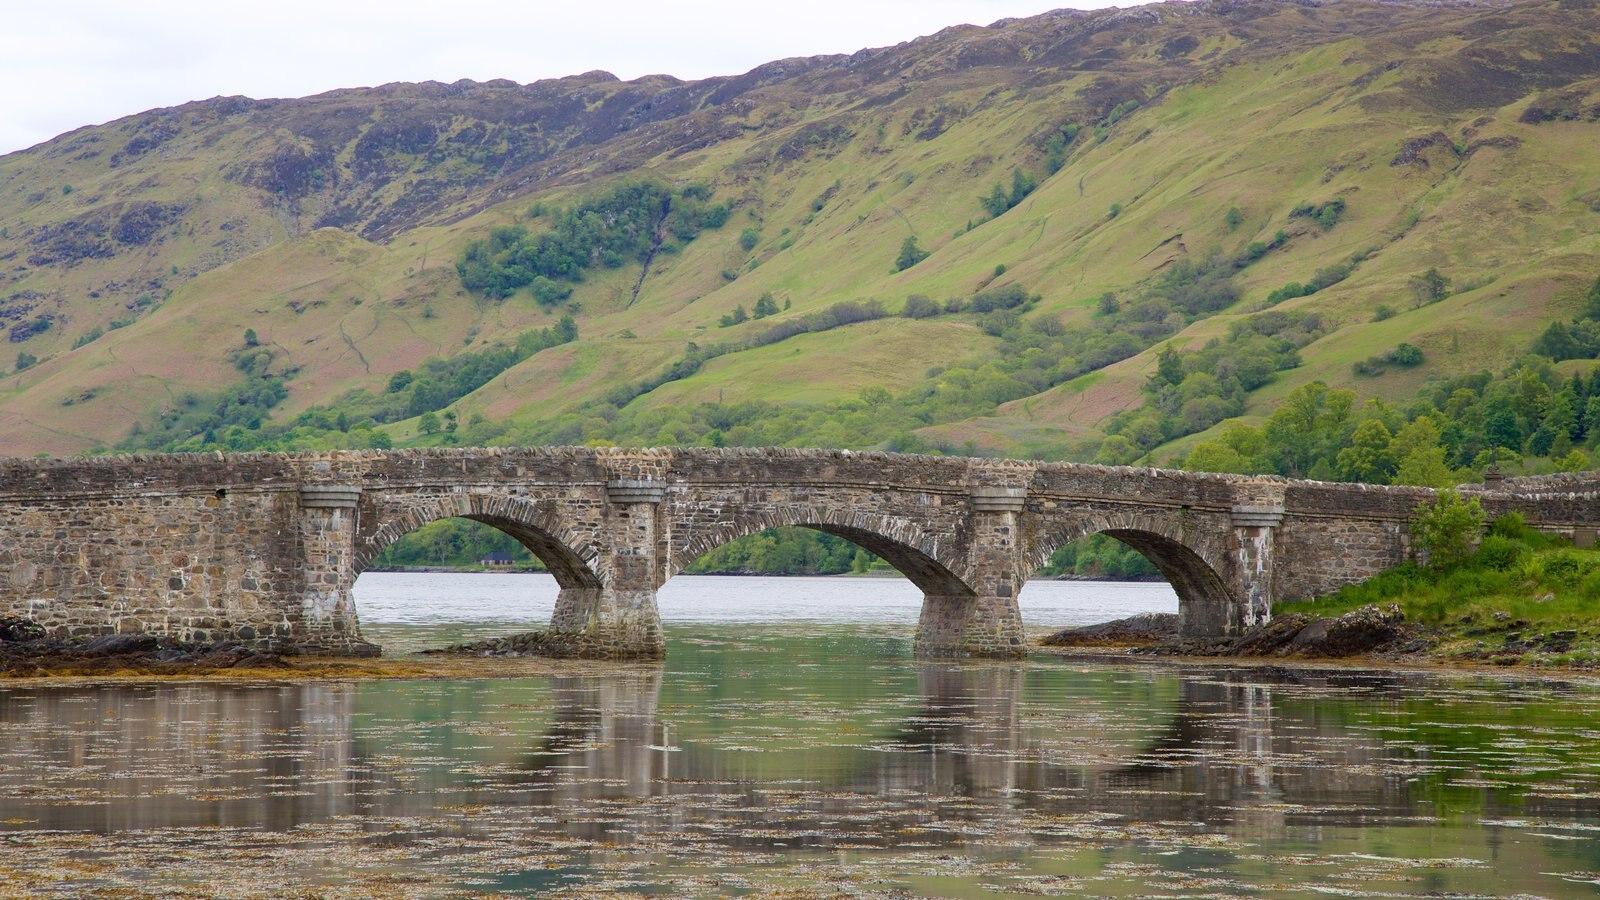 Castelo de Eilean Donan caracterizando um rio ou córrego, uma ponte e elementos de patrimônio